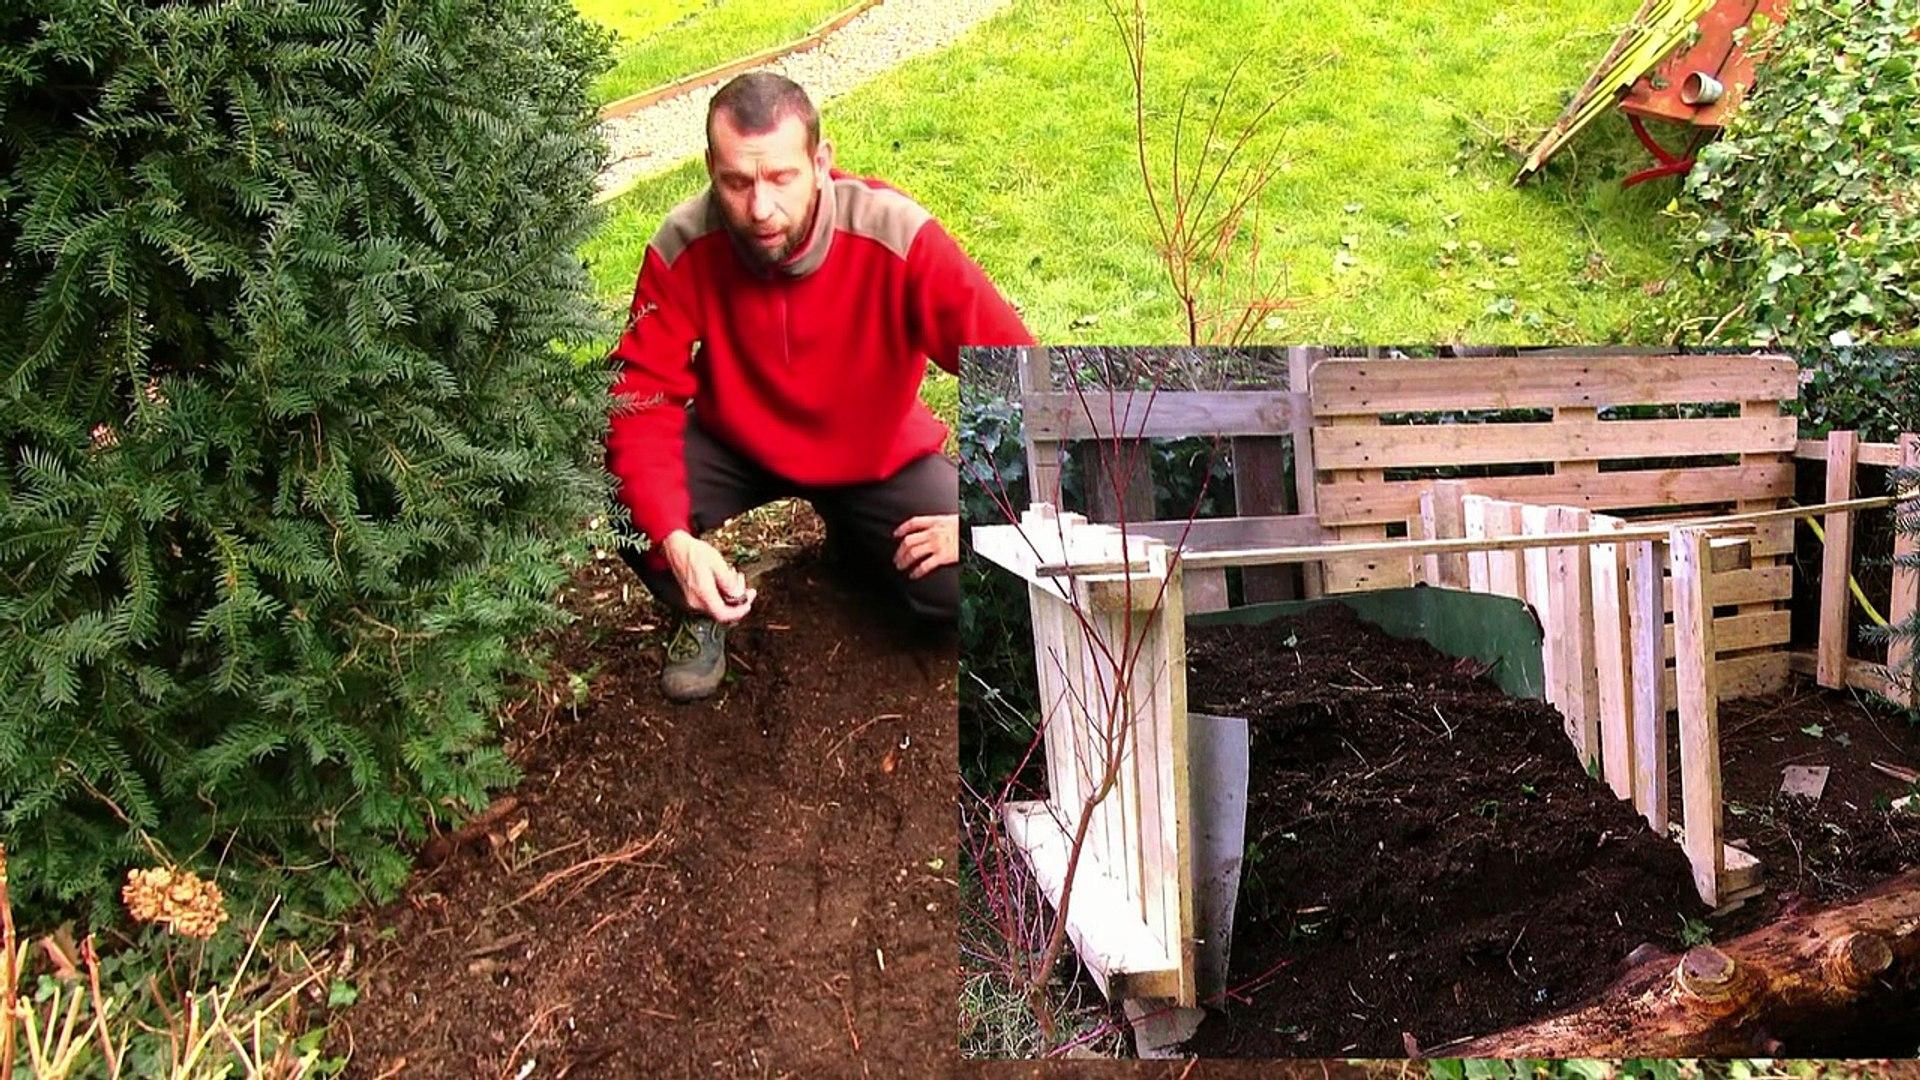 Fabriquer Un Composteur Avec Des Palettes composteur en palette, faire son compost - pallets composter, make your own  compost video